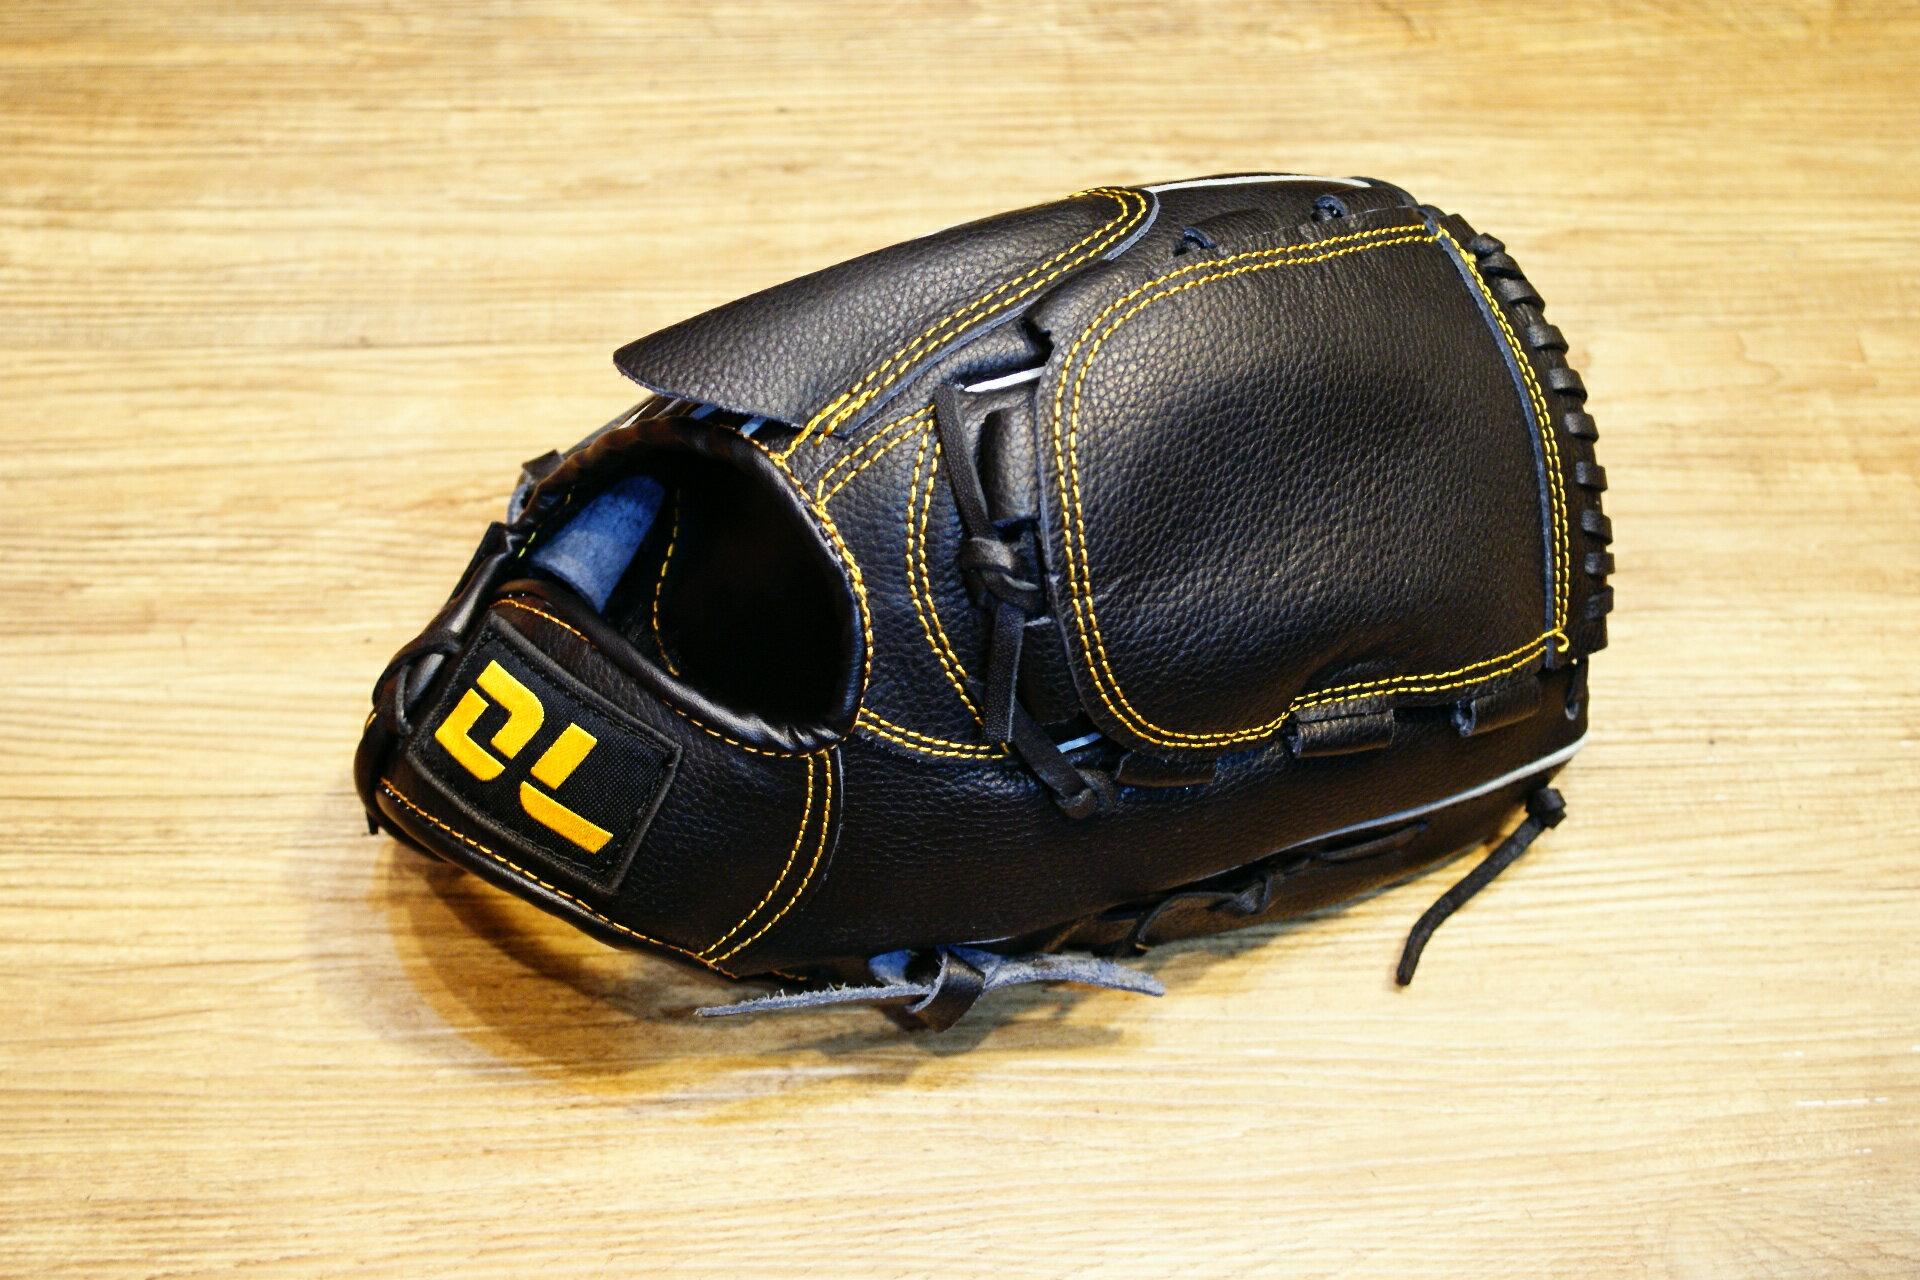 〈棒球世界〉DL最新款平價的牛皮棒壘球手套 投手用 送手套袋 不景氣也要全民打棒球